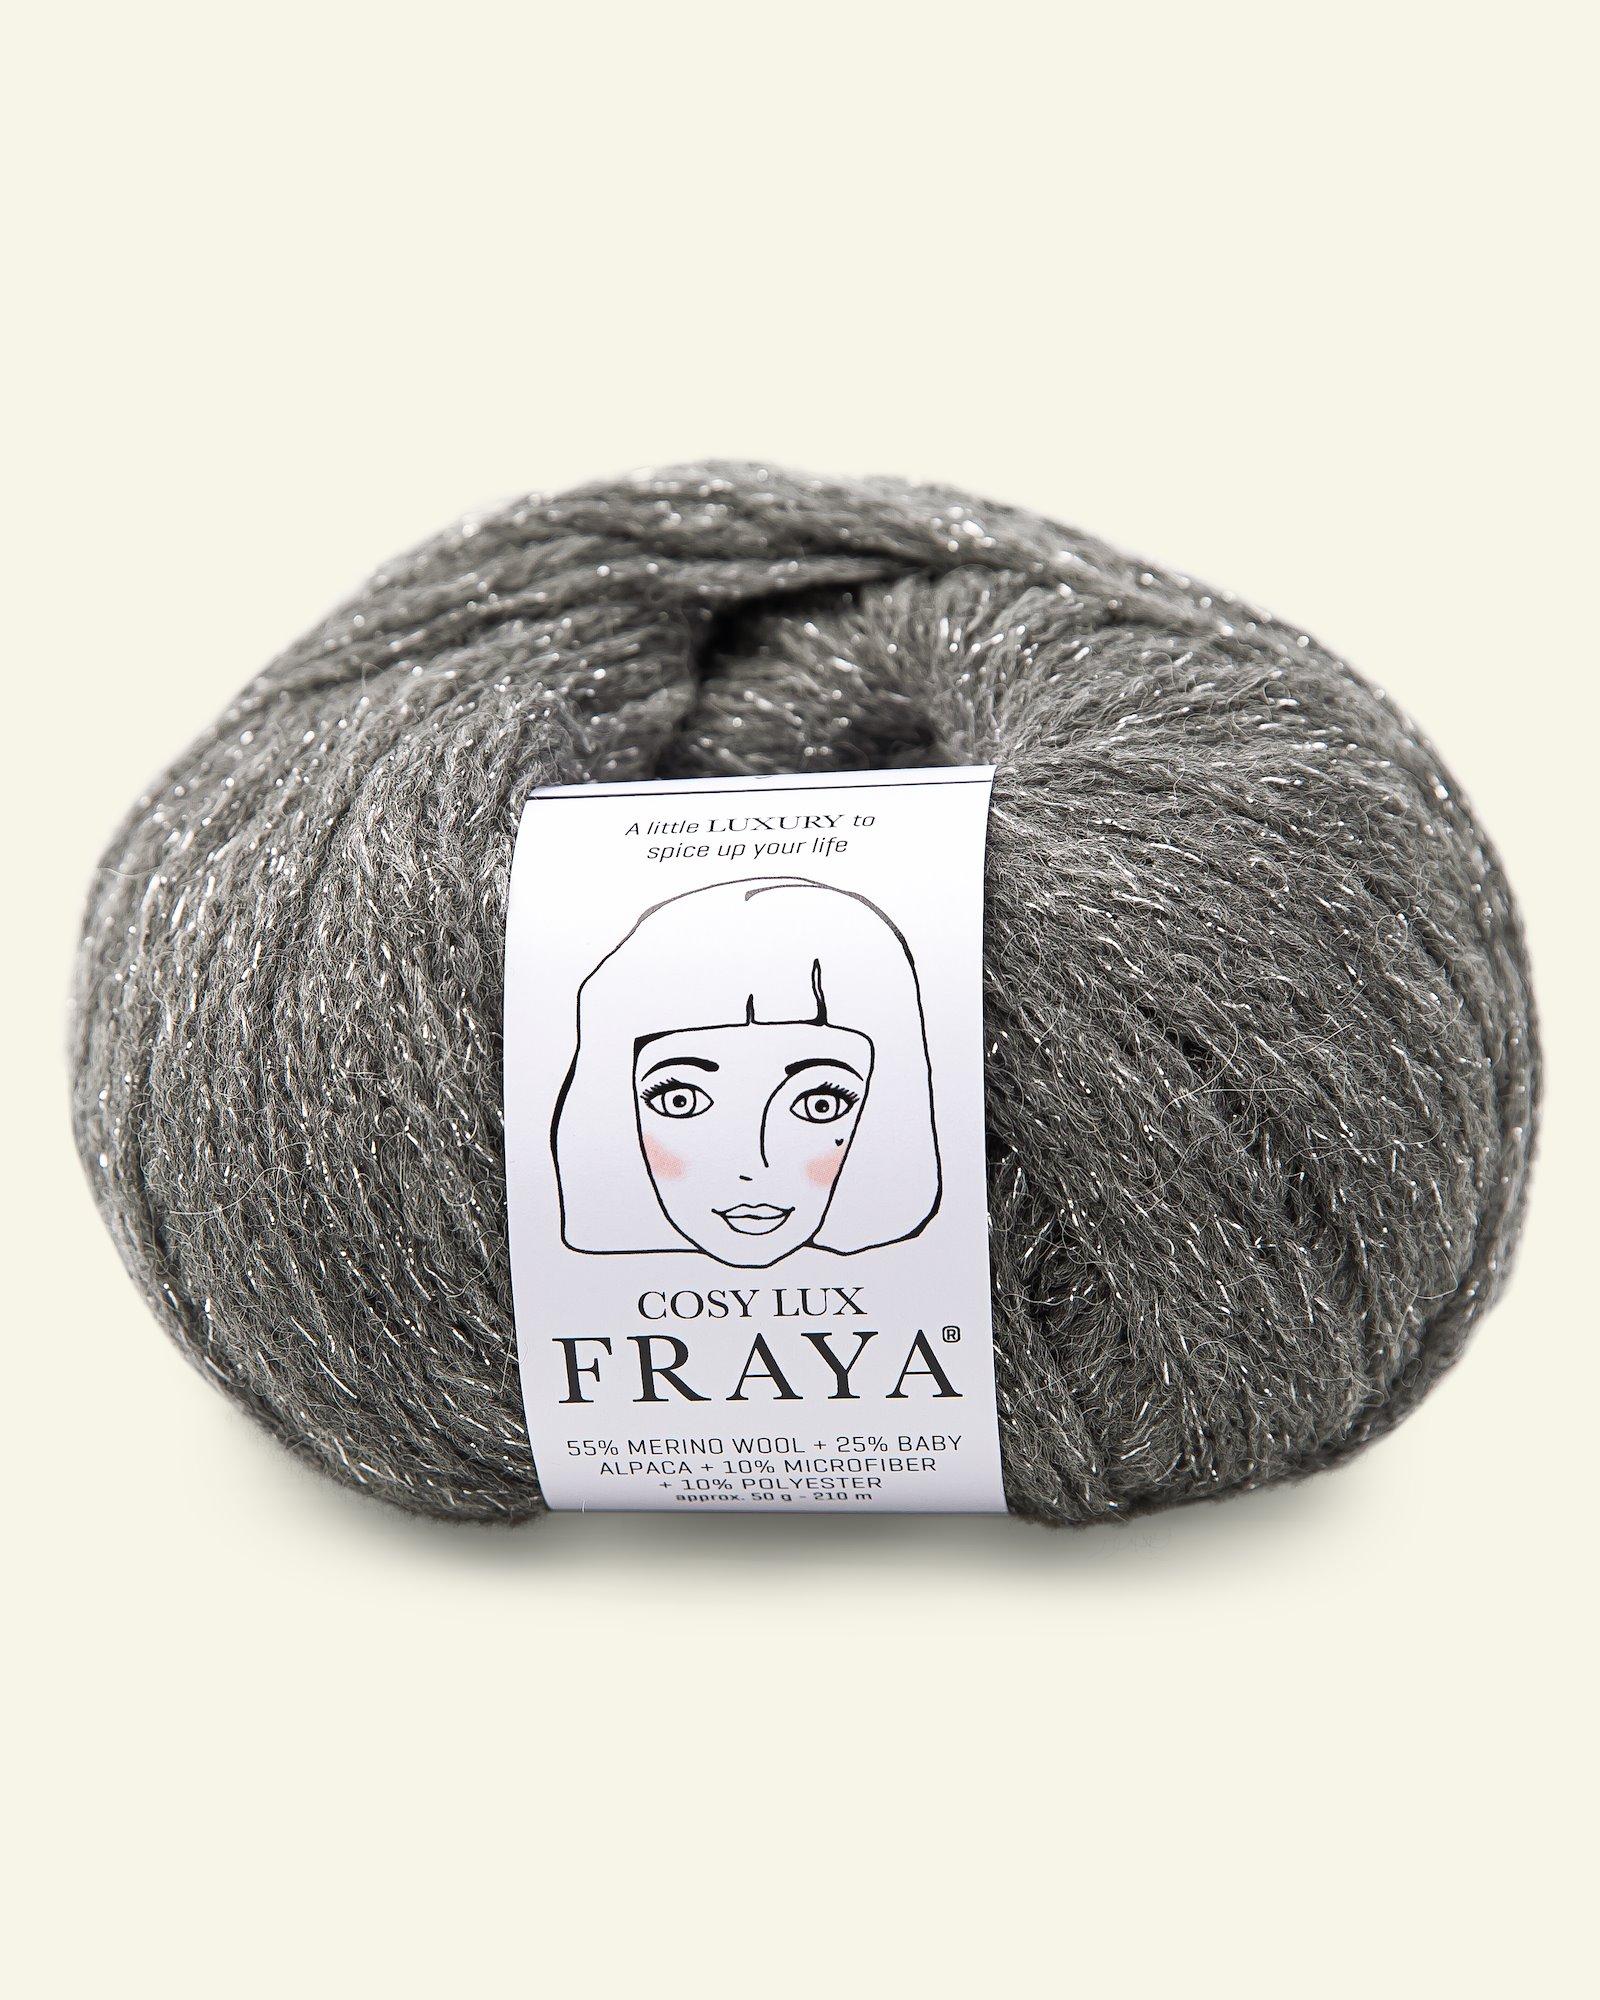 Cosy Lux 50g silver-grey